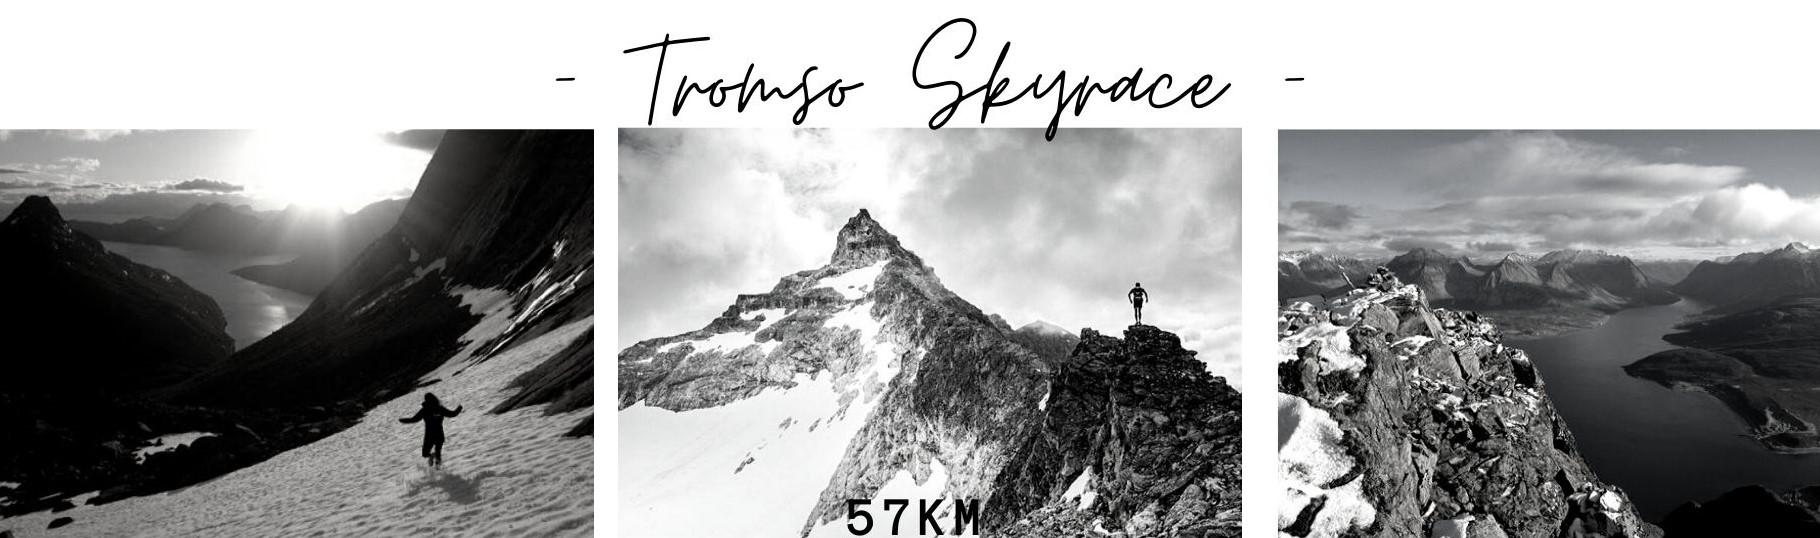 tromso skyrace trail running